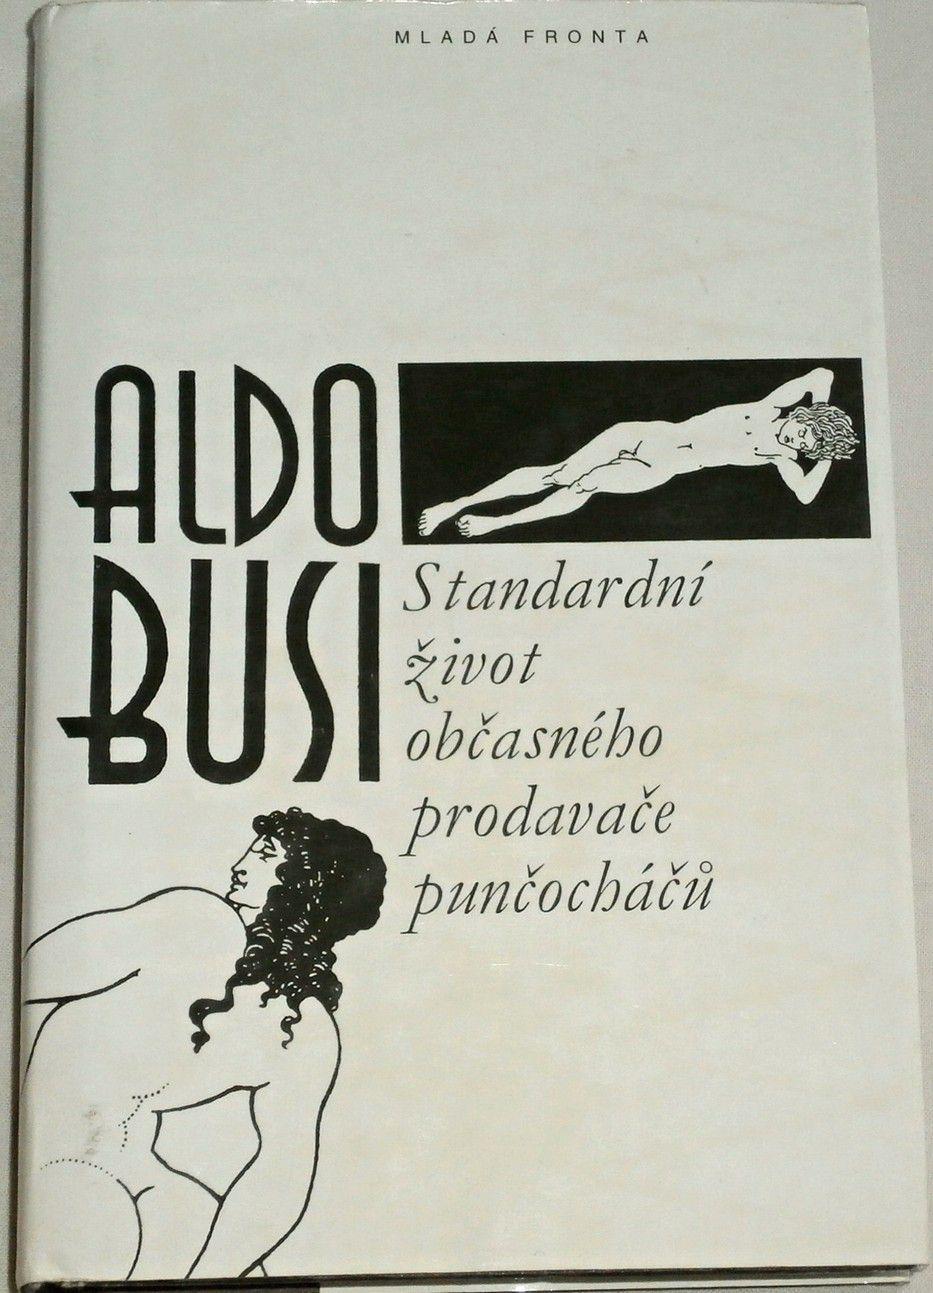 Busi Aldo - Standardní život občasného prodavače punčocháčů